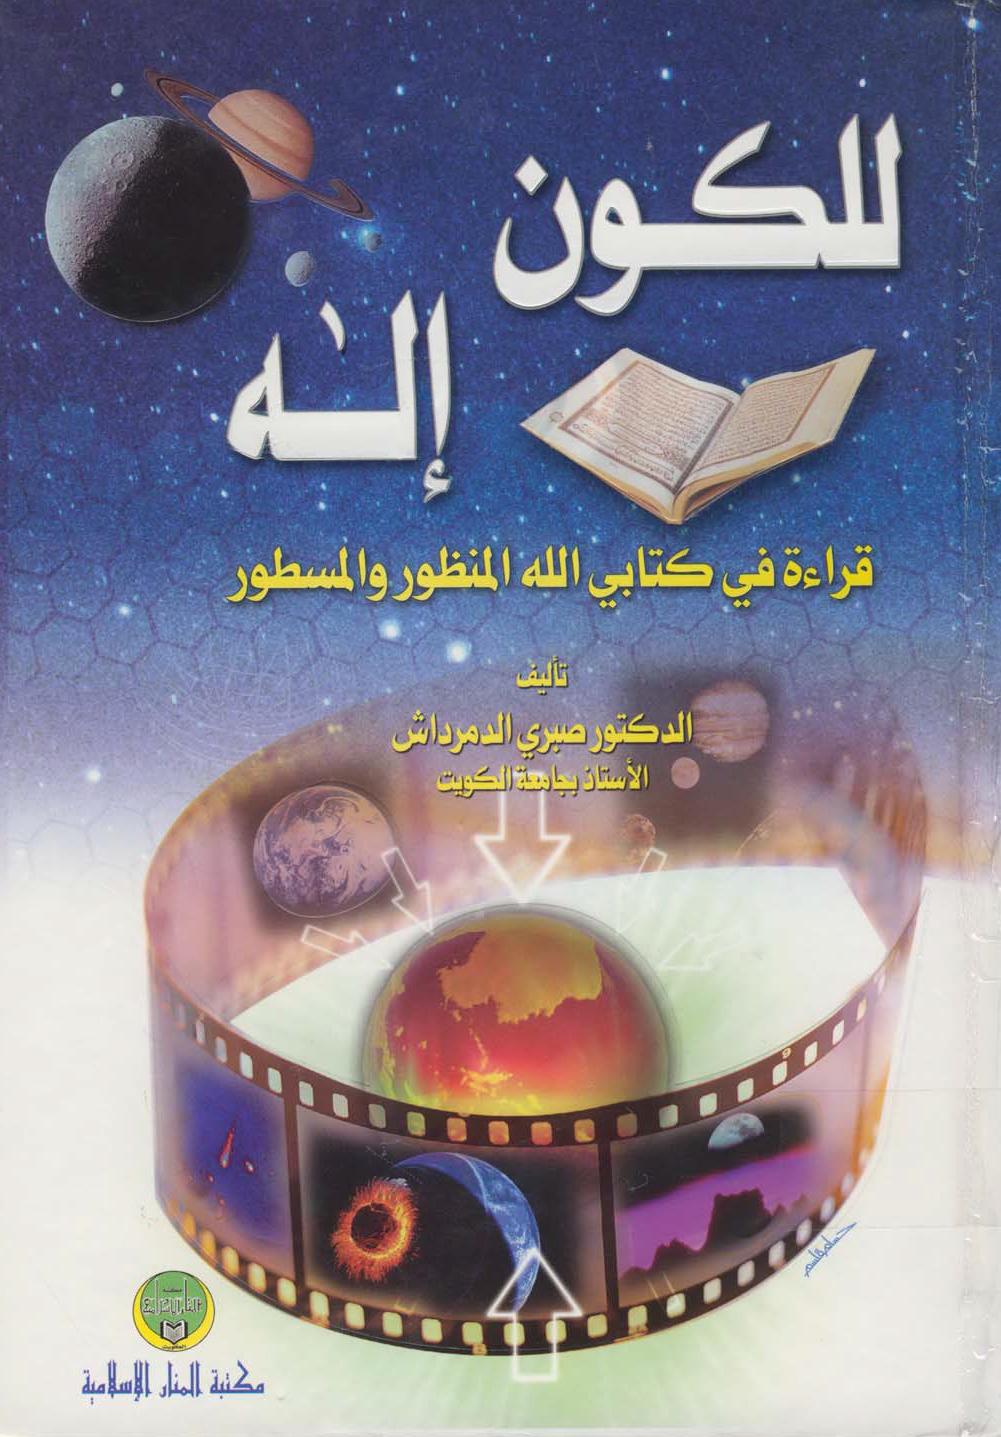 تحميل كتاب للكون إله: قراءة في كتابي الله المنظور والمسطور لـِ: الدكتور صبري الدمرداش